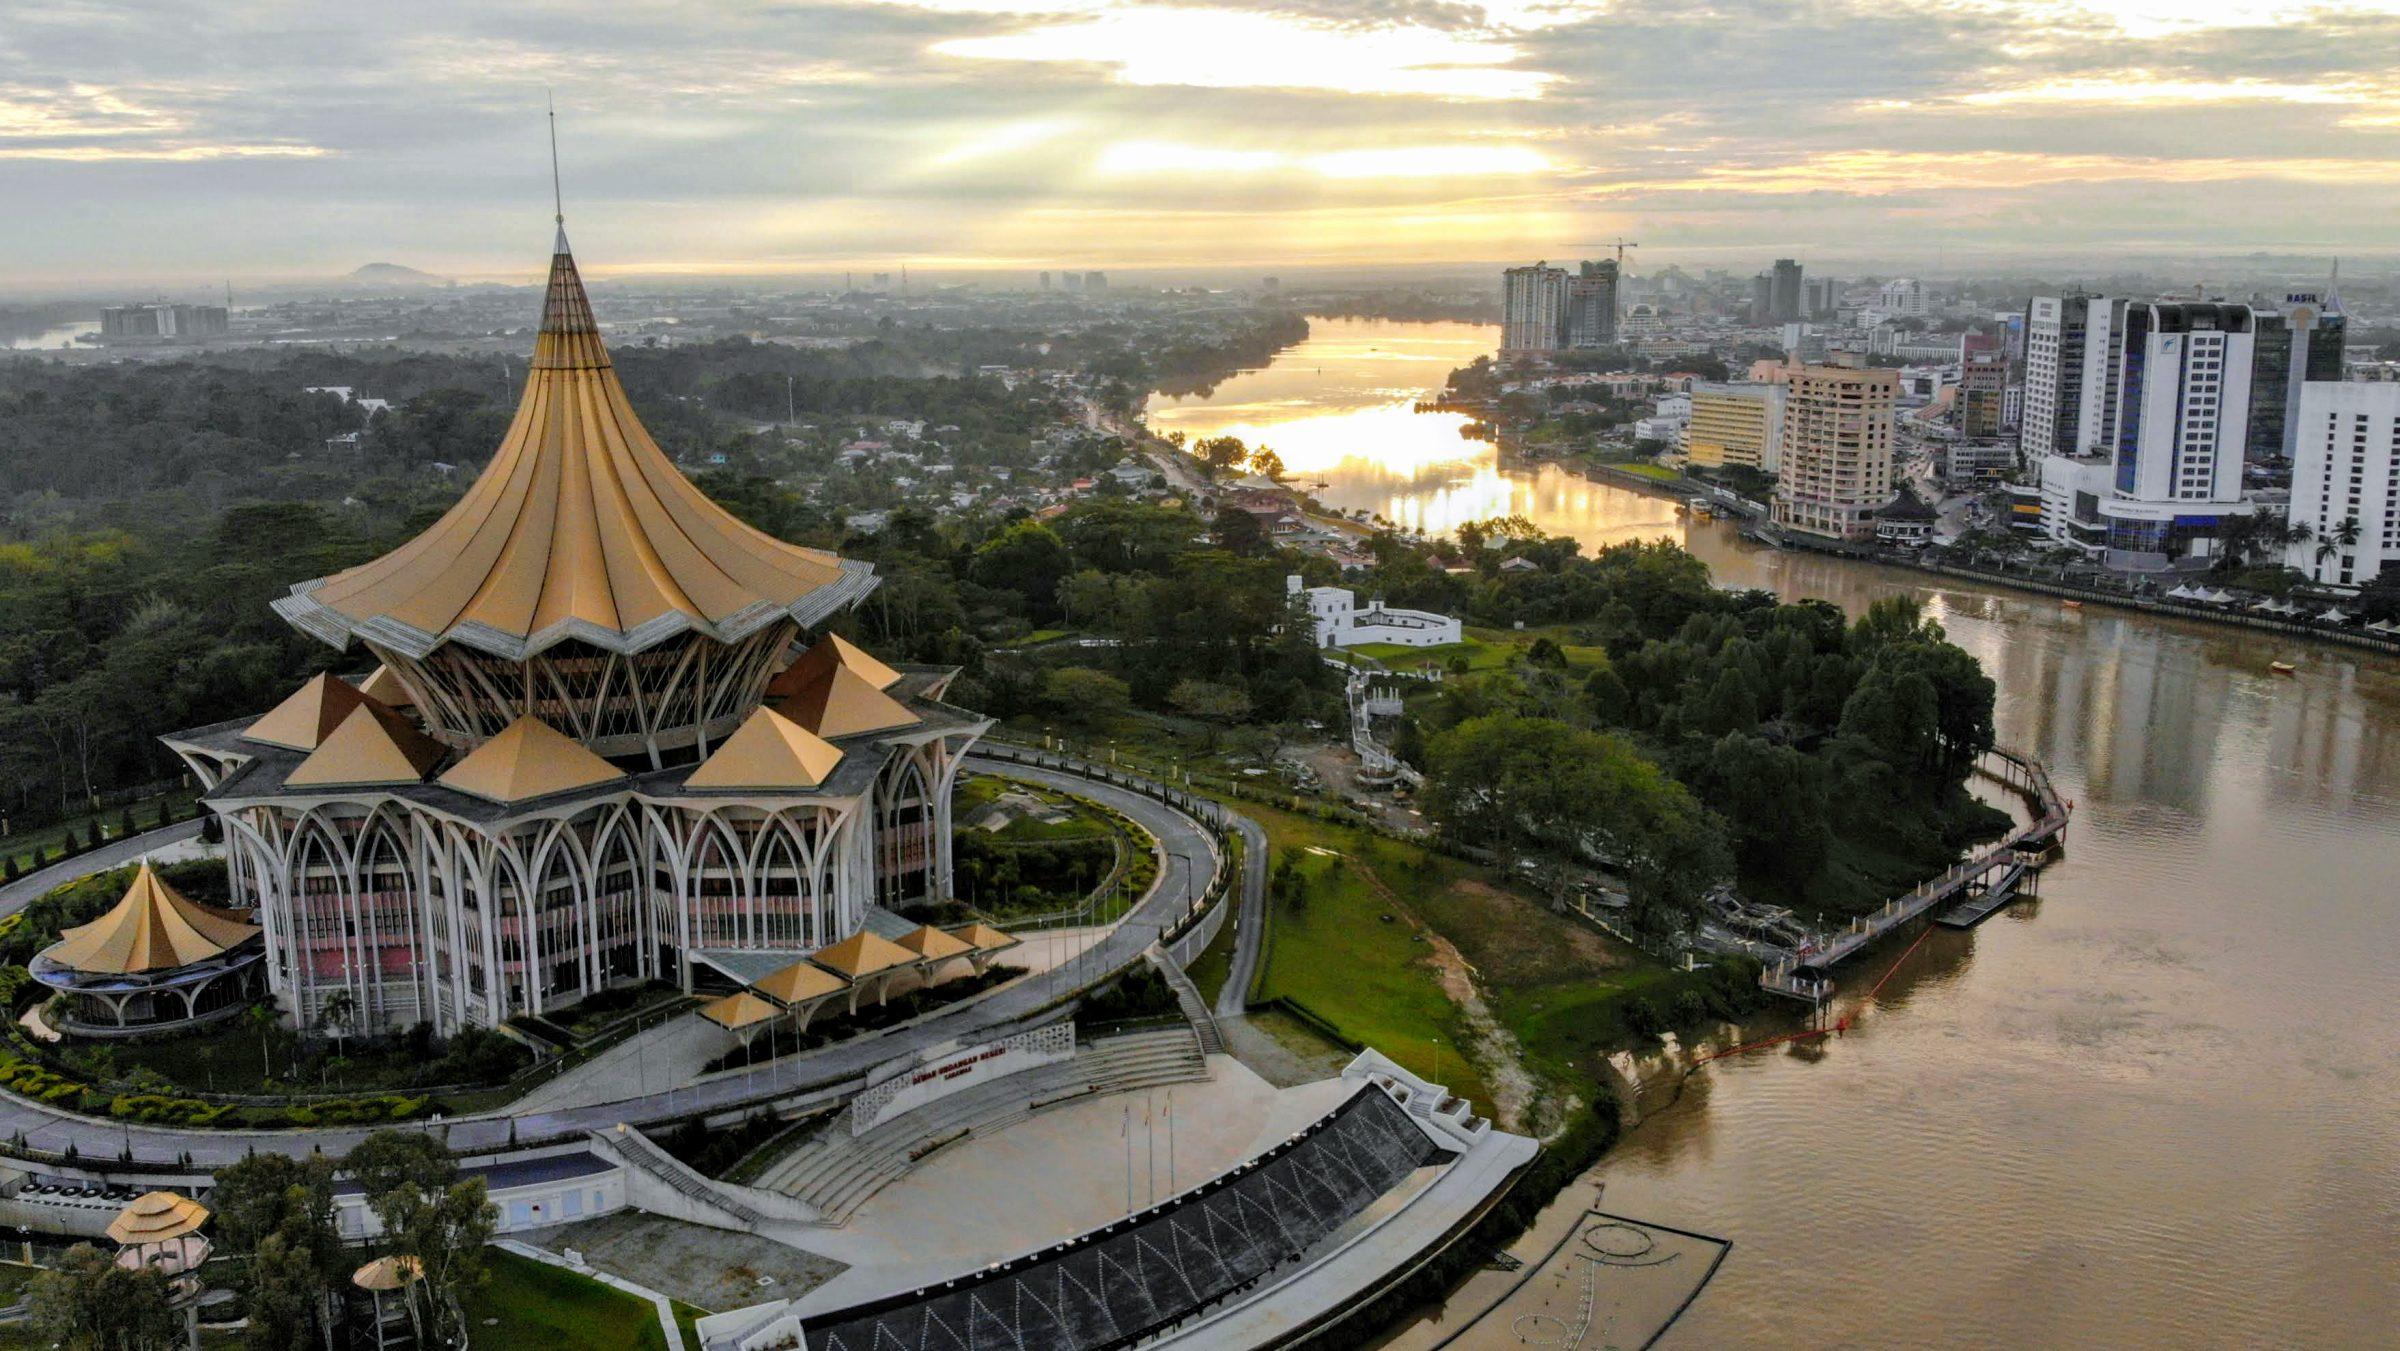 Overheidsgebouw in Kuching, Sarawak, Maleisië